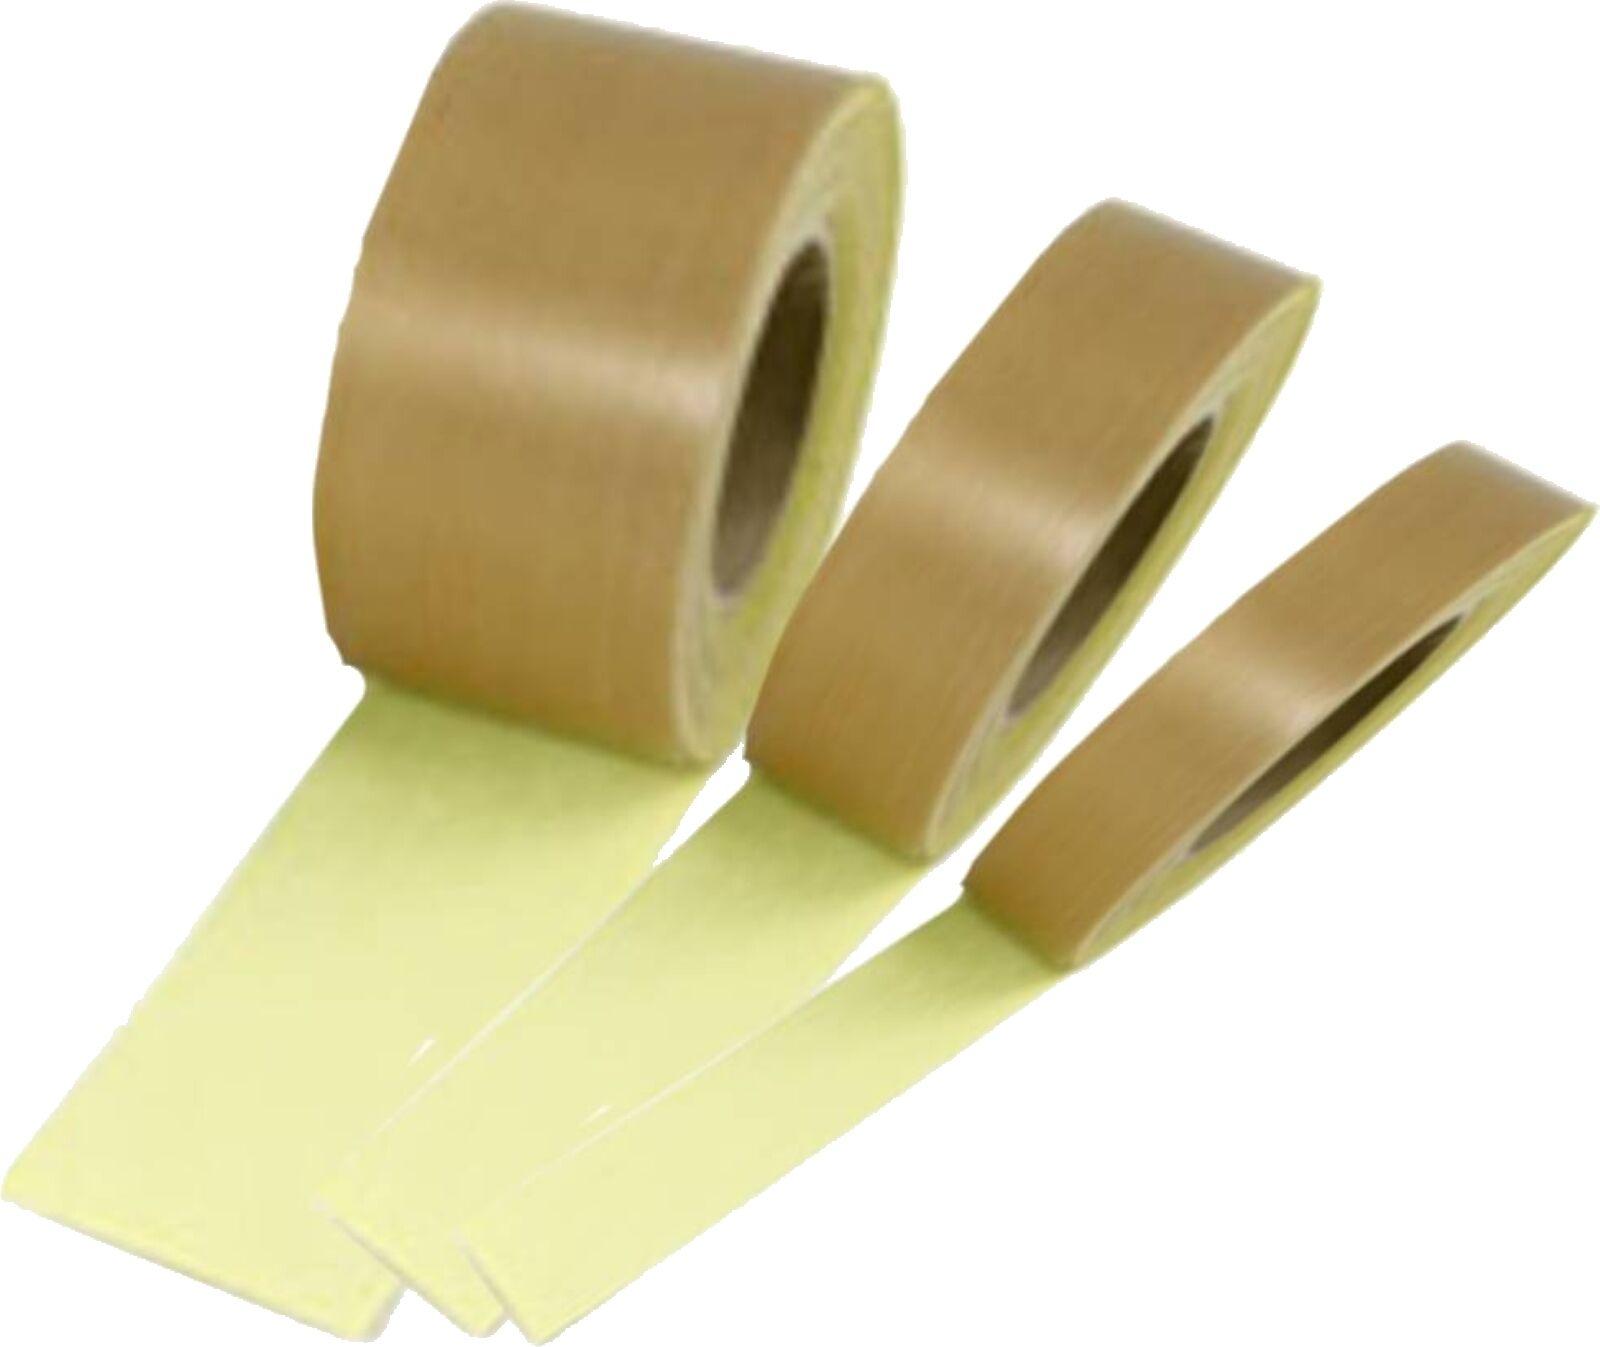 Descuento de la marca Pfte Teflón Sellado Caliente Cinta Adhesiva Aspiración Paquete Packer Enrollar